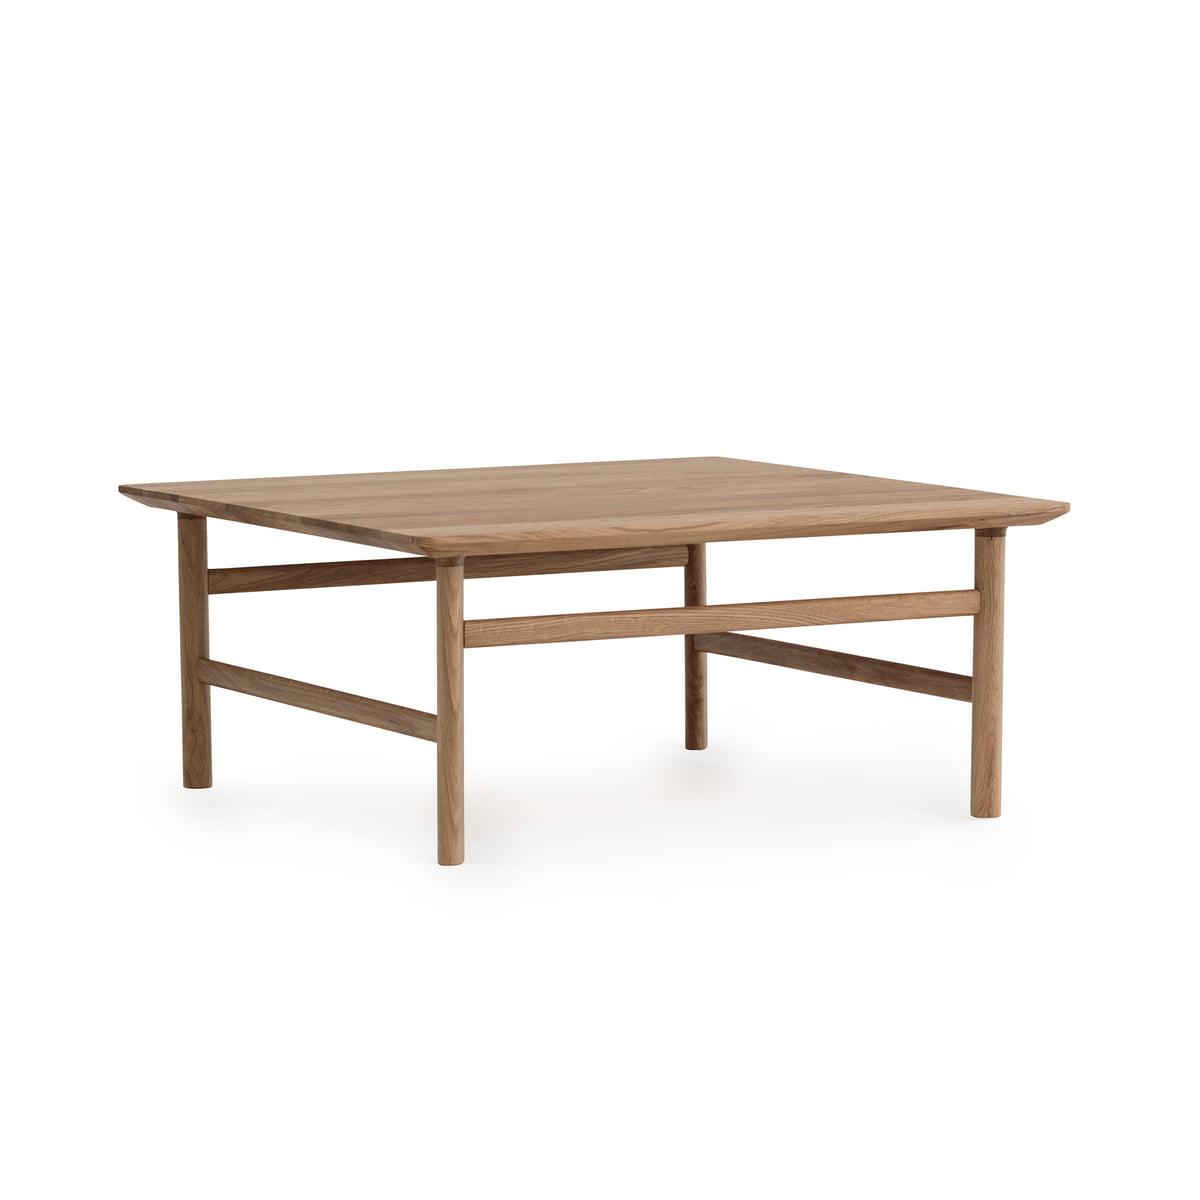 normann copenhagen grow couchtisch 80 x 80 cm eiche eiche natur t 80 h 35 b 80 online kaufen. Black Bedroom Furniture Sets. Home Design Ideas